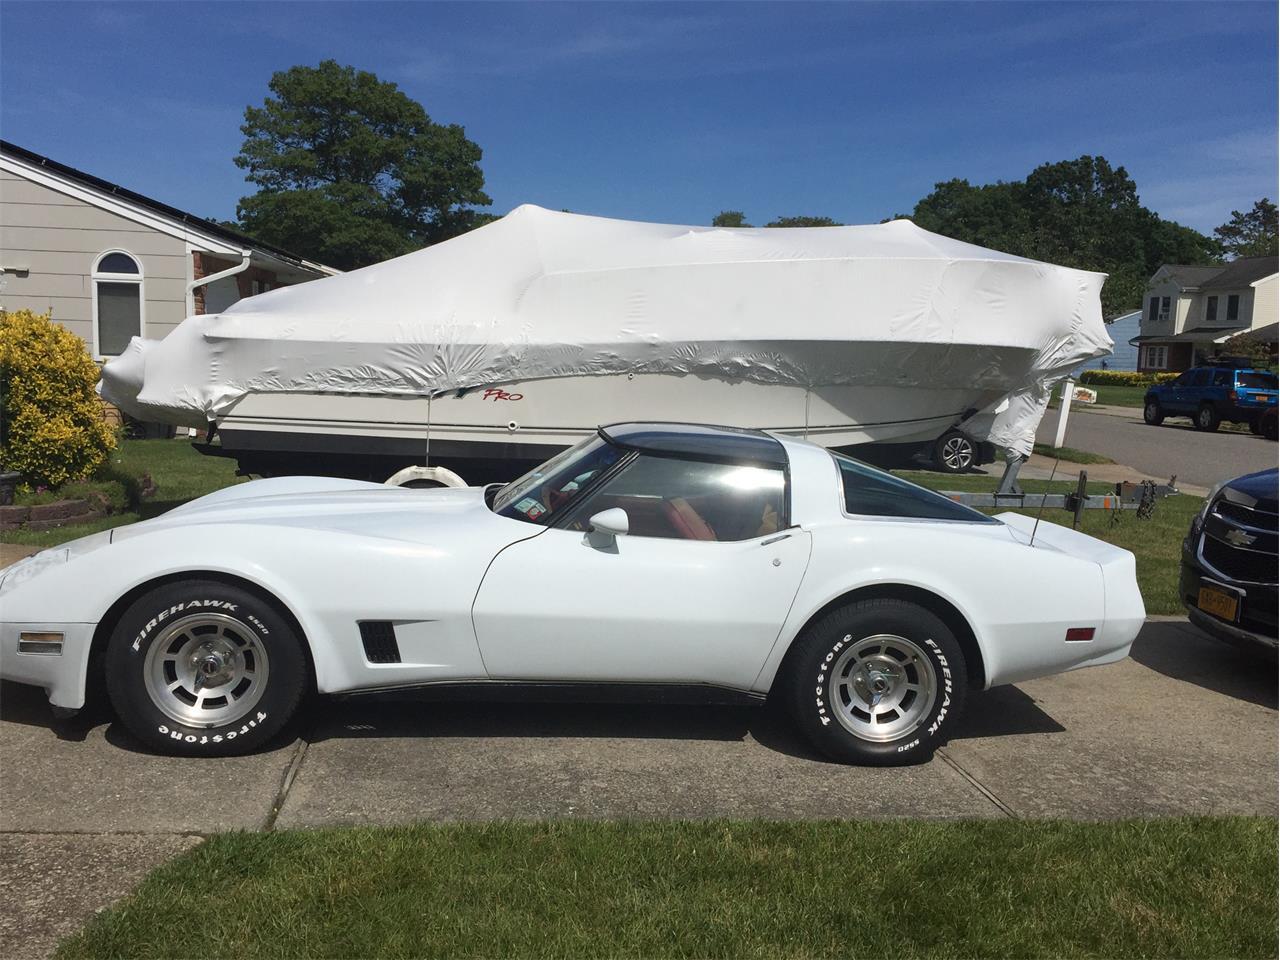 1980 Corvette For Sale >> 1980 Chevrolet Corvette For Sale Classiccars Com Cc 1226720